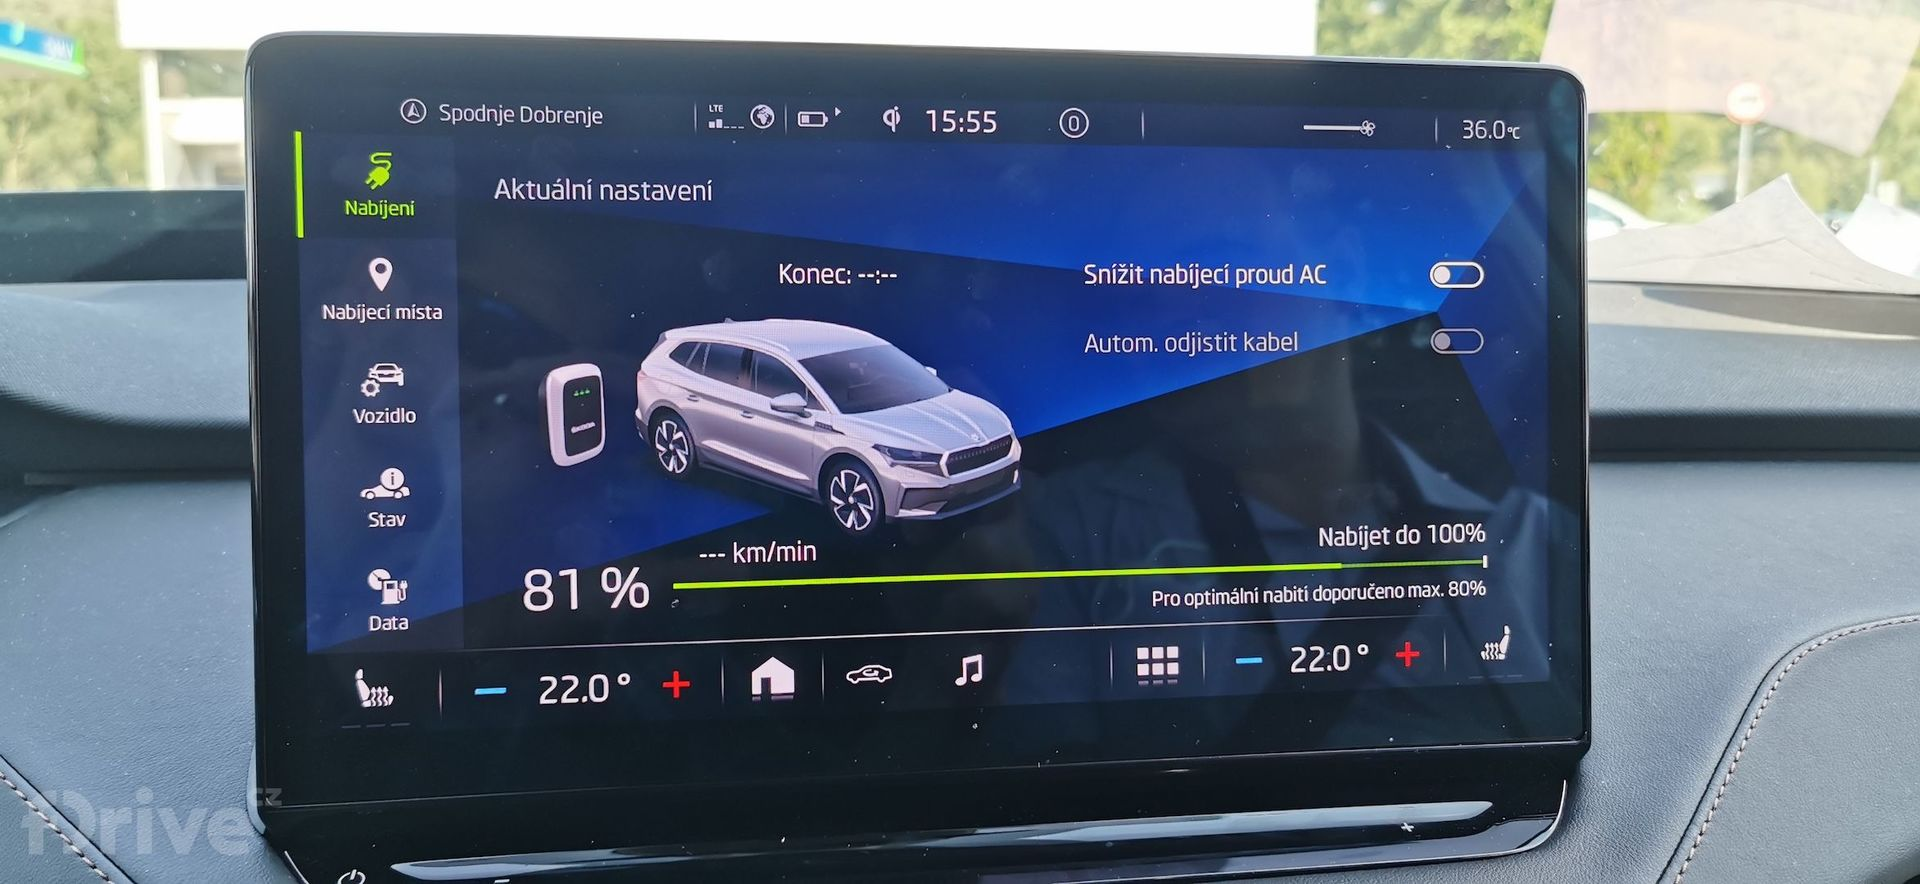 Cesta do Chorvatska - Škoda Enyaq iV